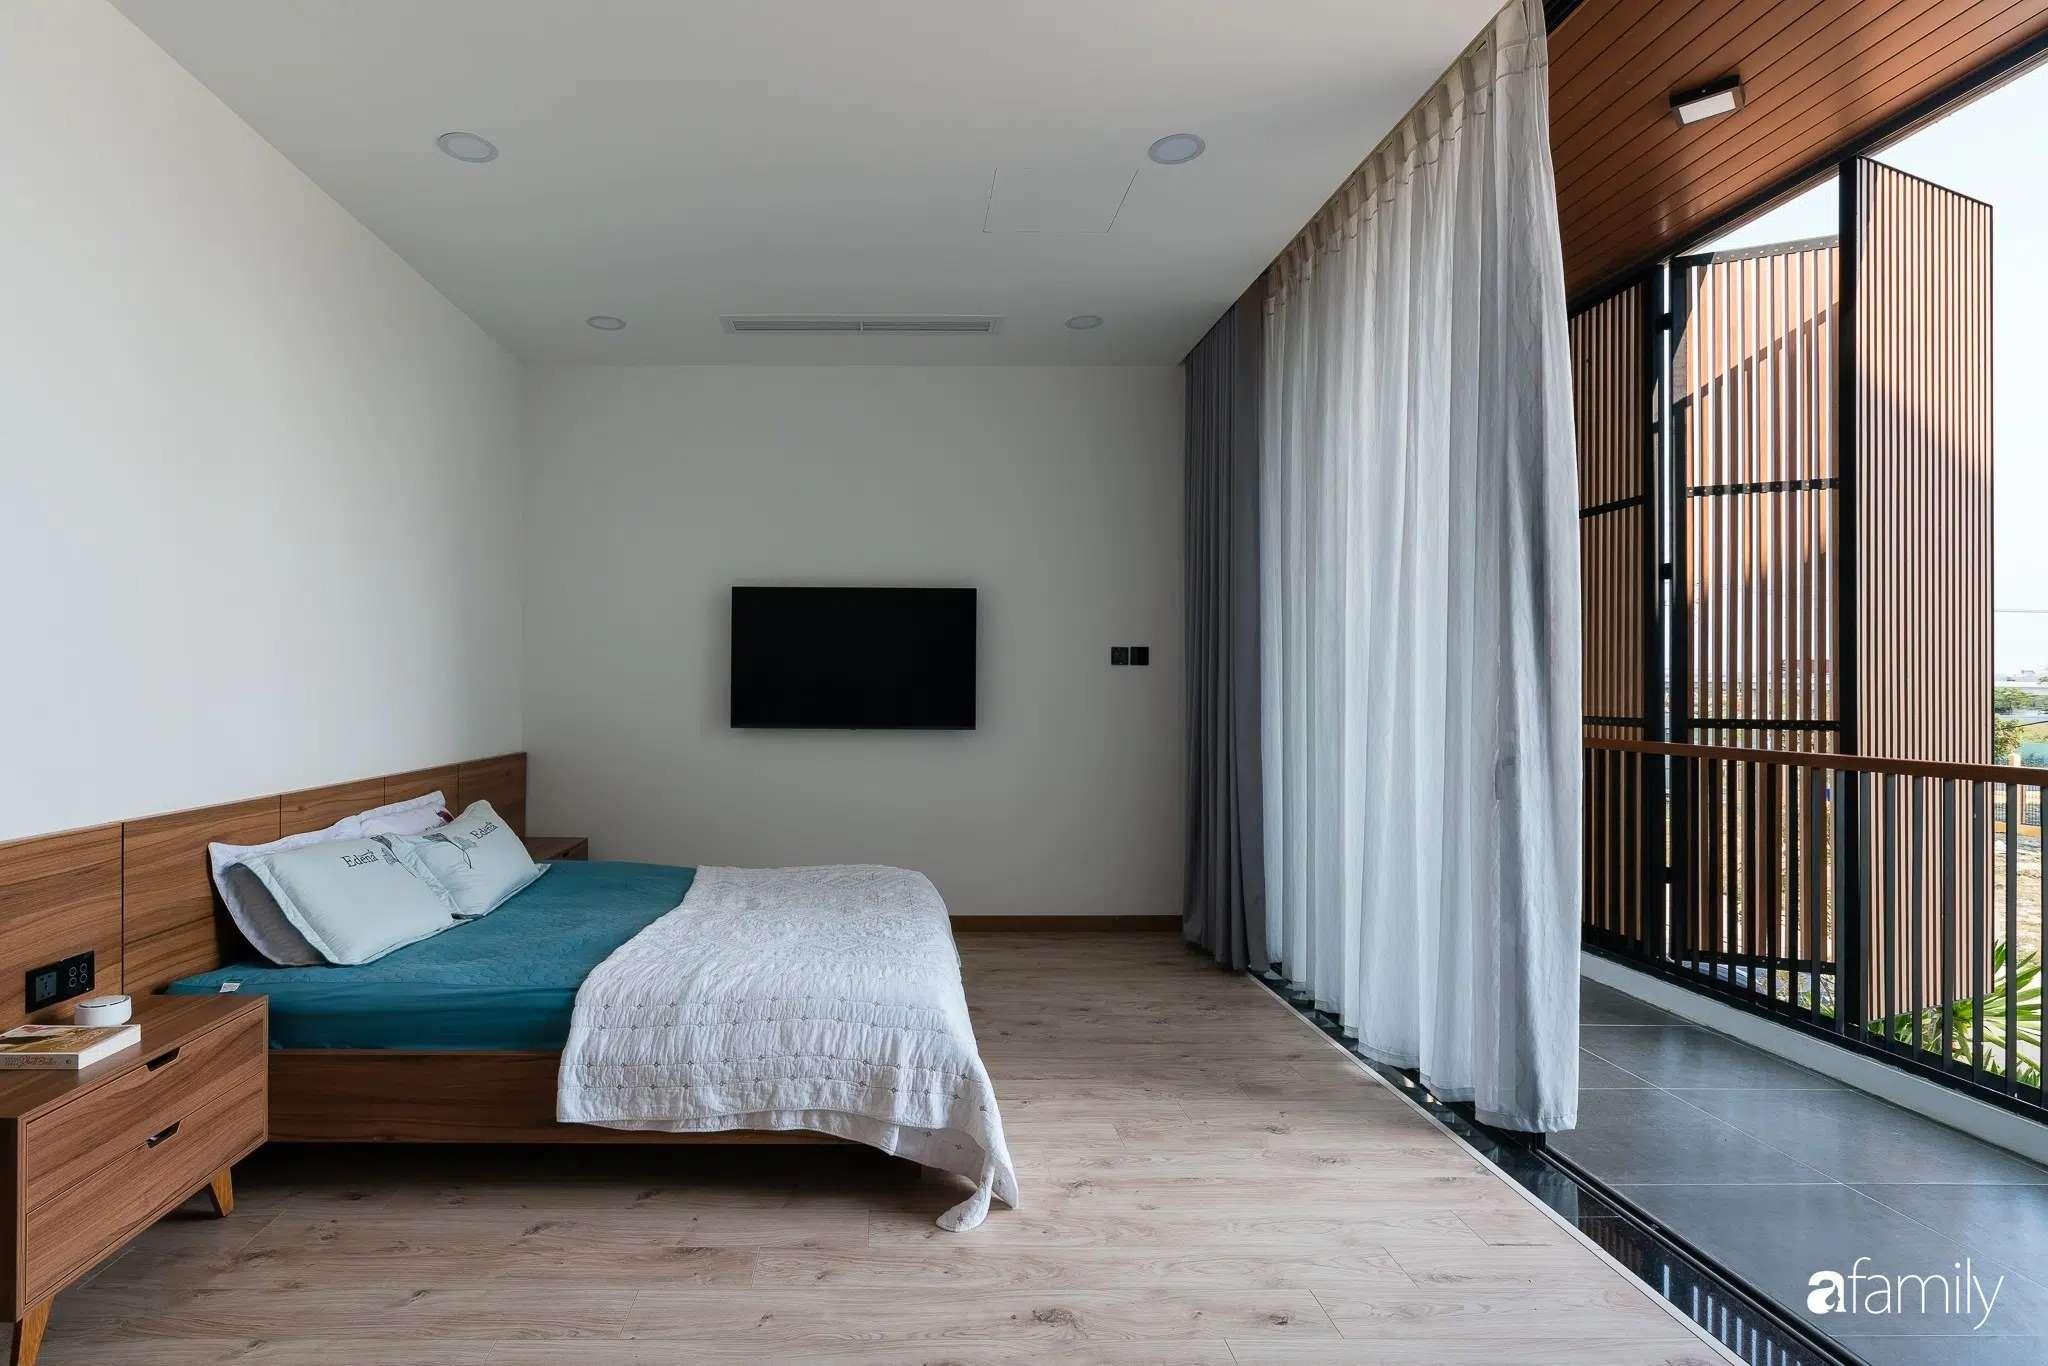 Căn phòng ngủ có ban công rộng thoáng.